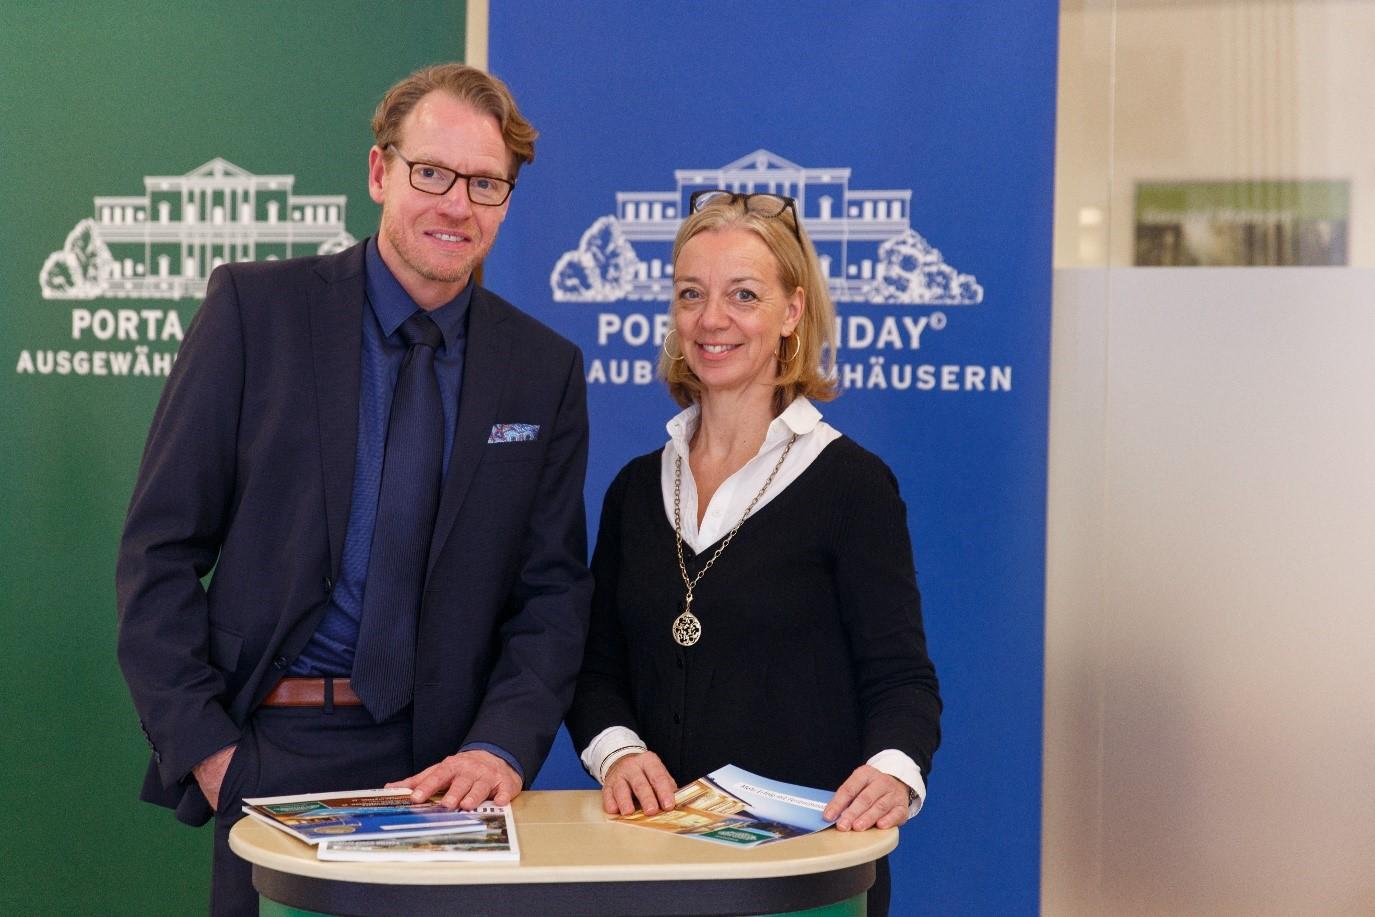 Netzwerk in NRW wächst weiter – neuer Franchisepartner in Paderborn